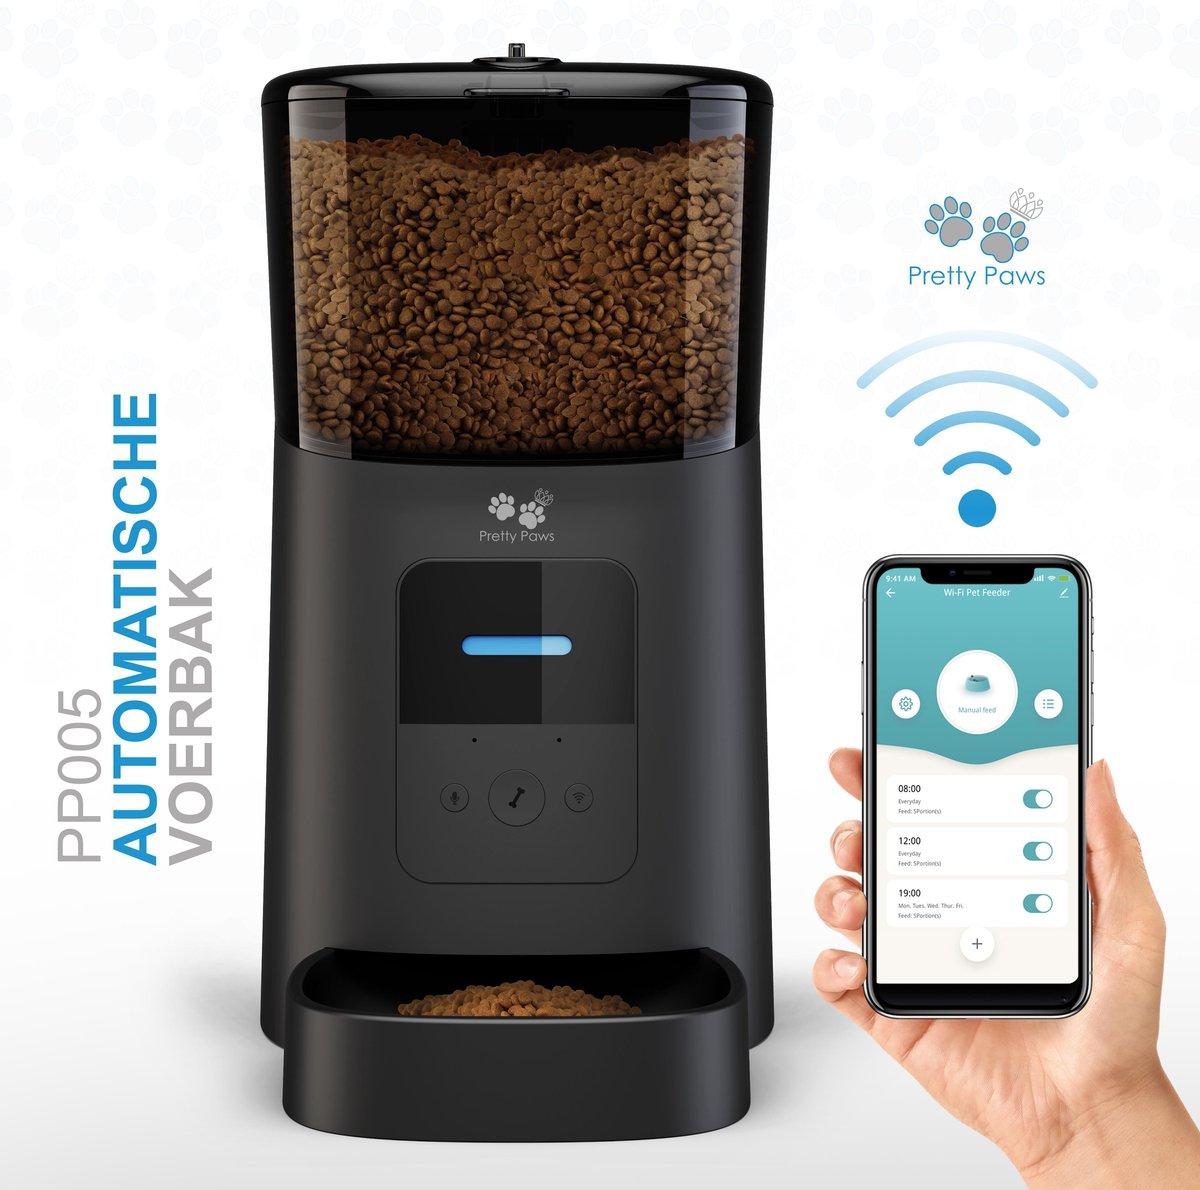 Pretty Paws  - PP005 - Wifi Voerautomaat Zwart - Automatische Voerbak - Slimme Voerautomaat met App